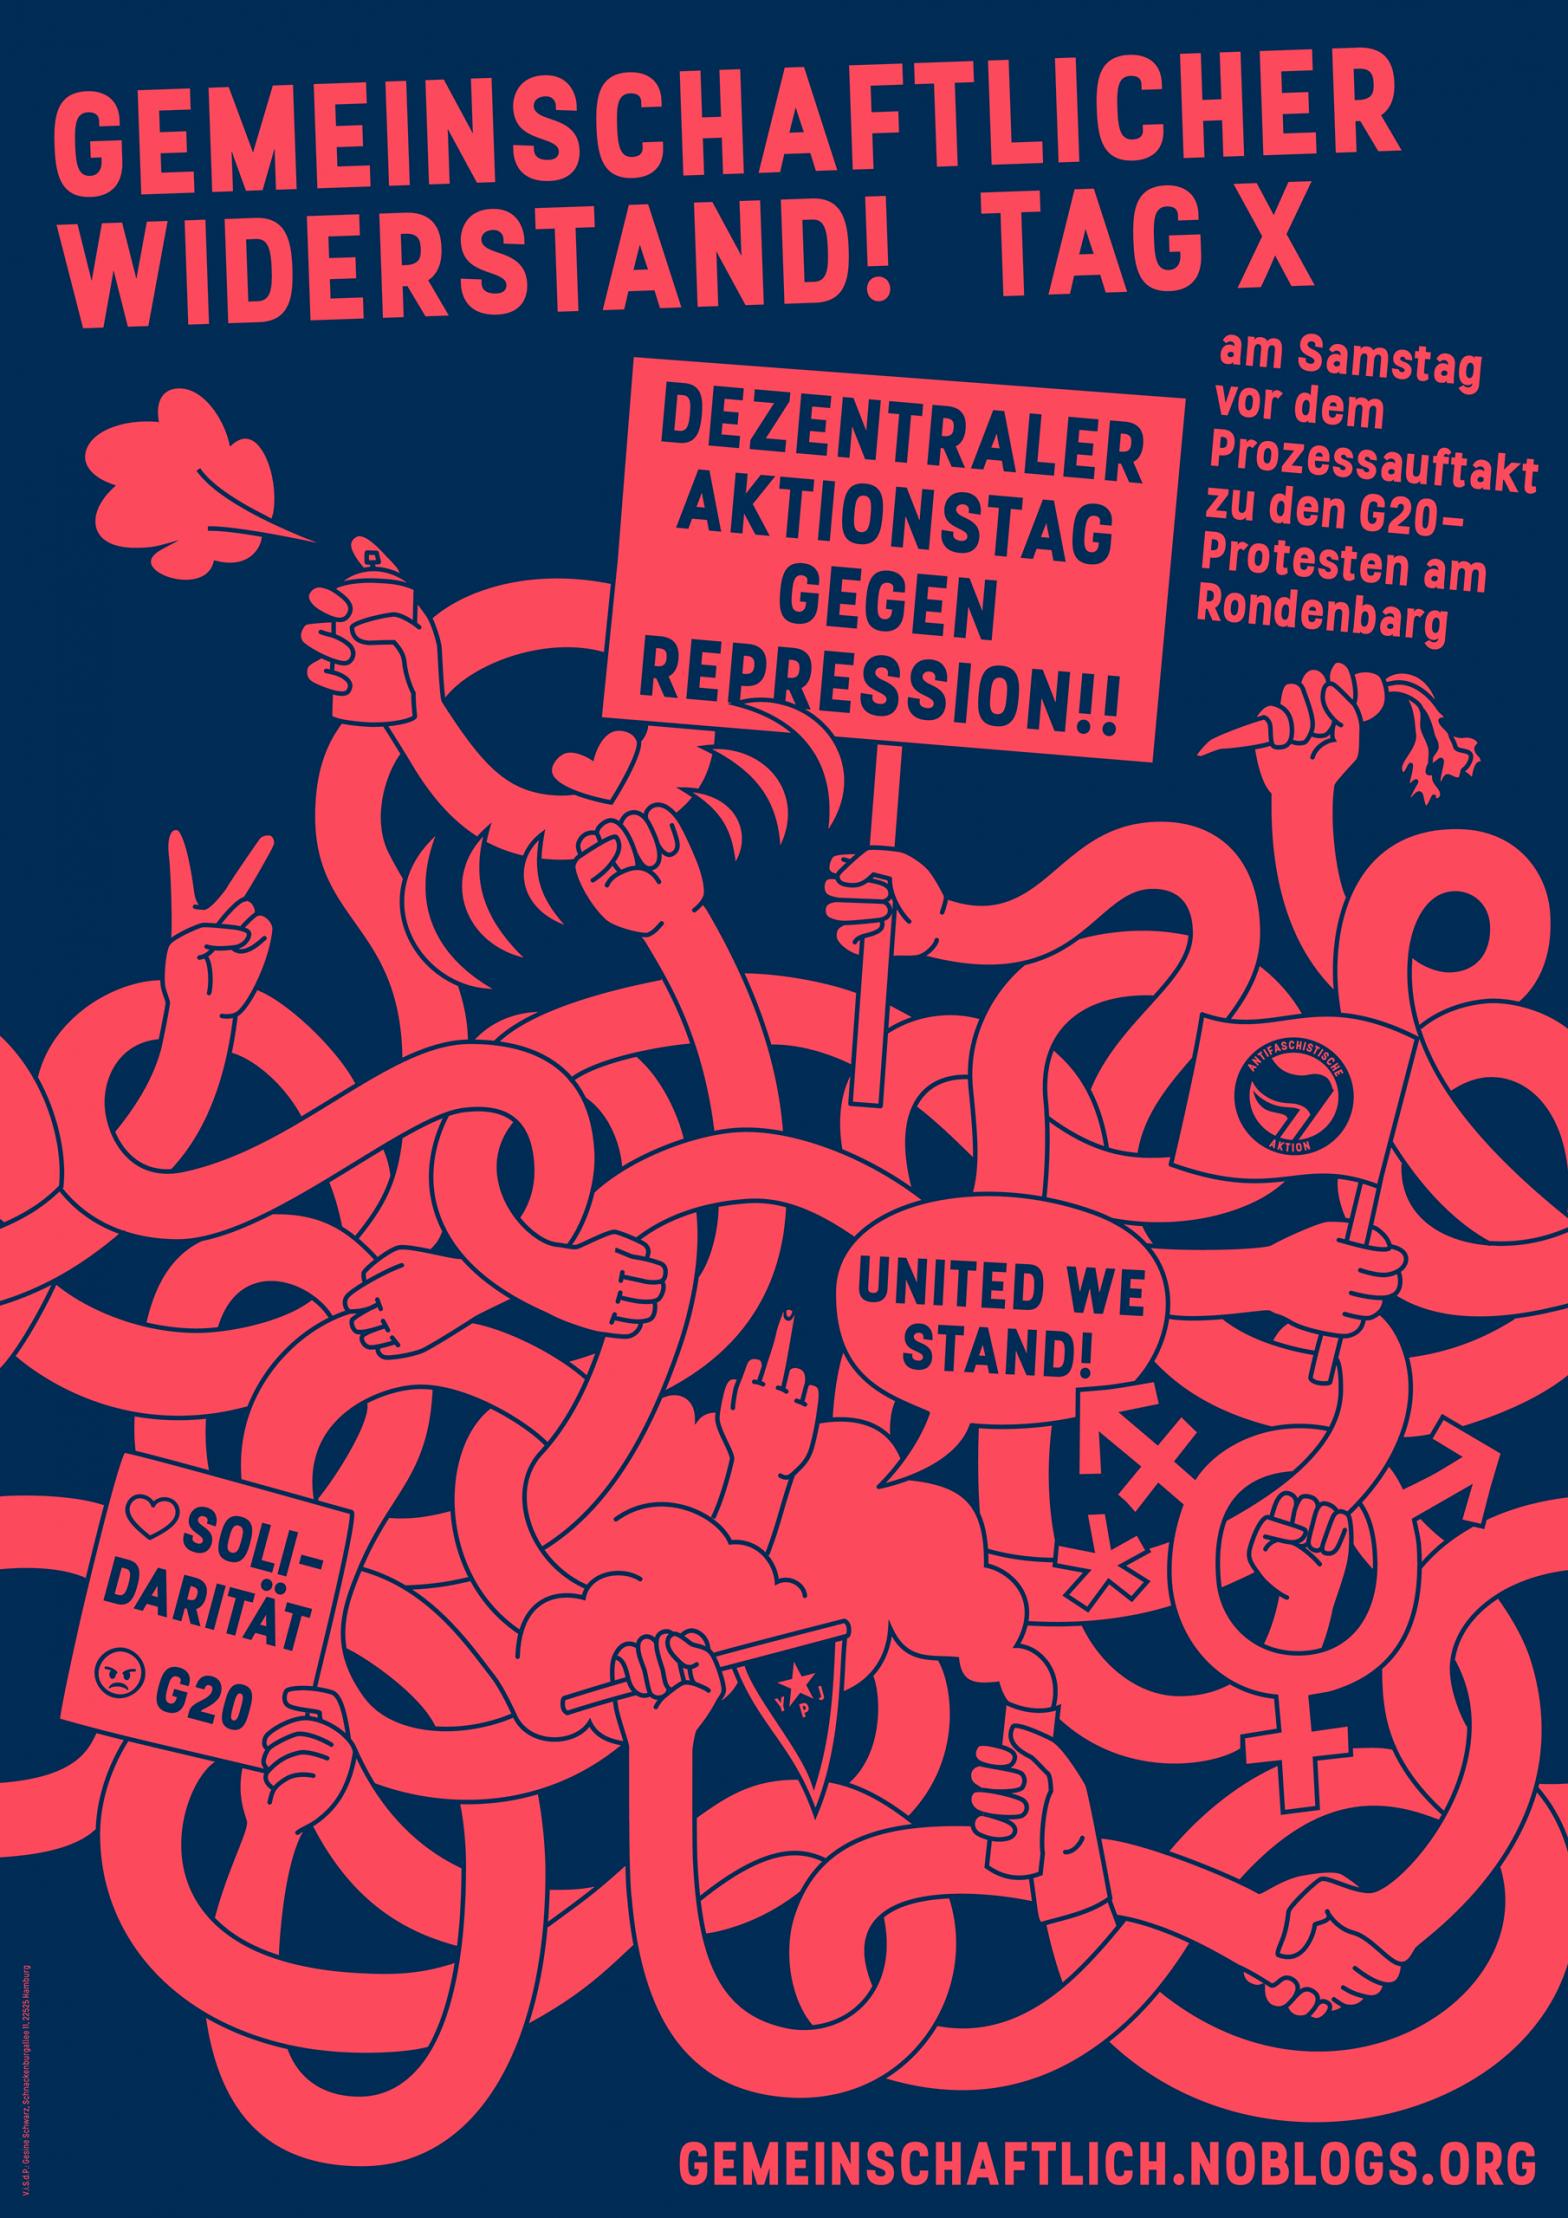 Gemeinschaftlicher Widerstand – Bundesweite Kampagne gegen Repression